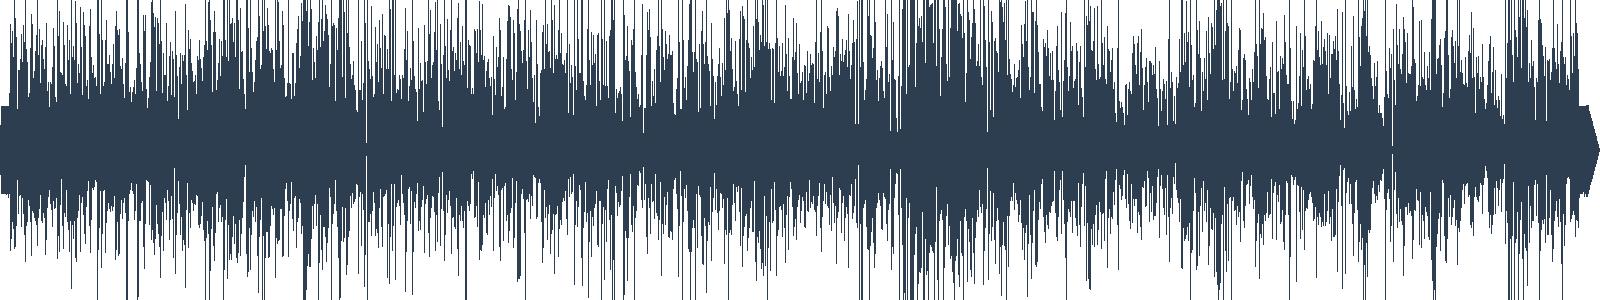 Audinovinky #14 - Vánoce nás nezastaví waveform